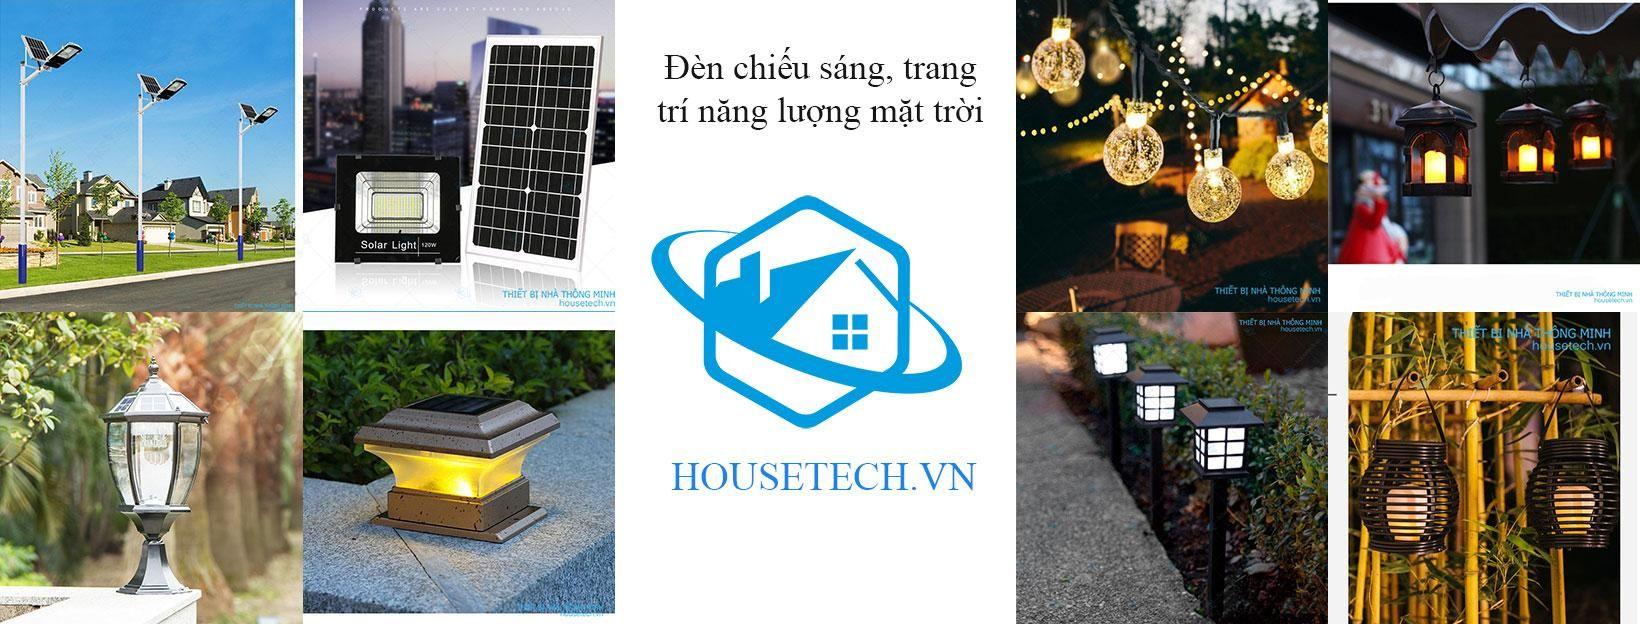 Housetech.vn là một bộ phận của Công Ty Cổ Phần House Tech